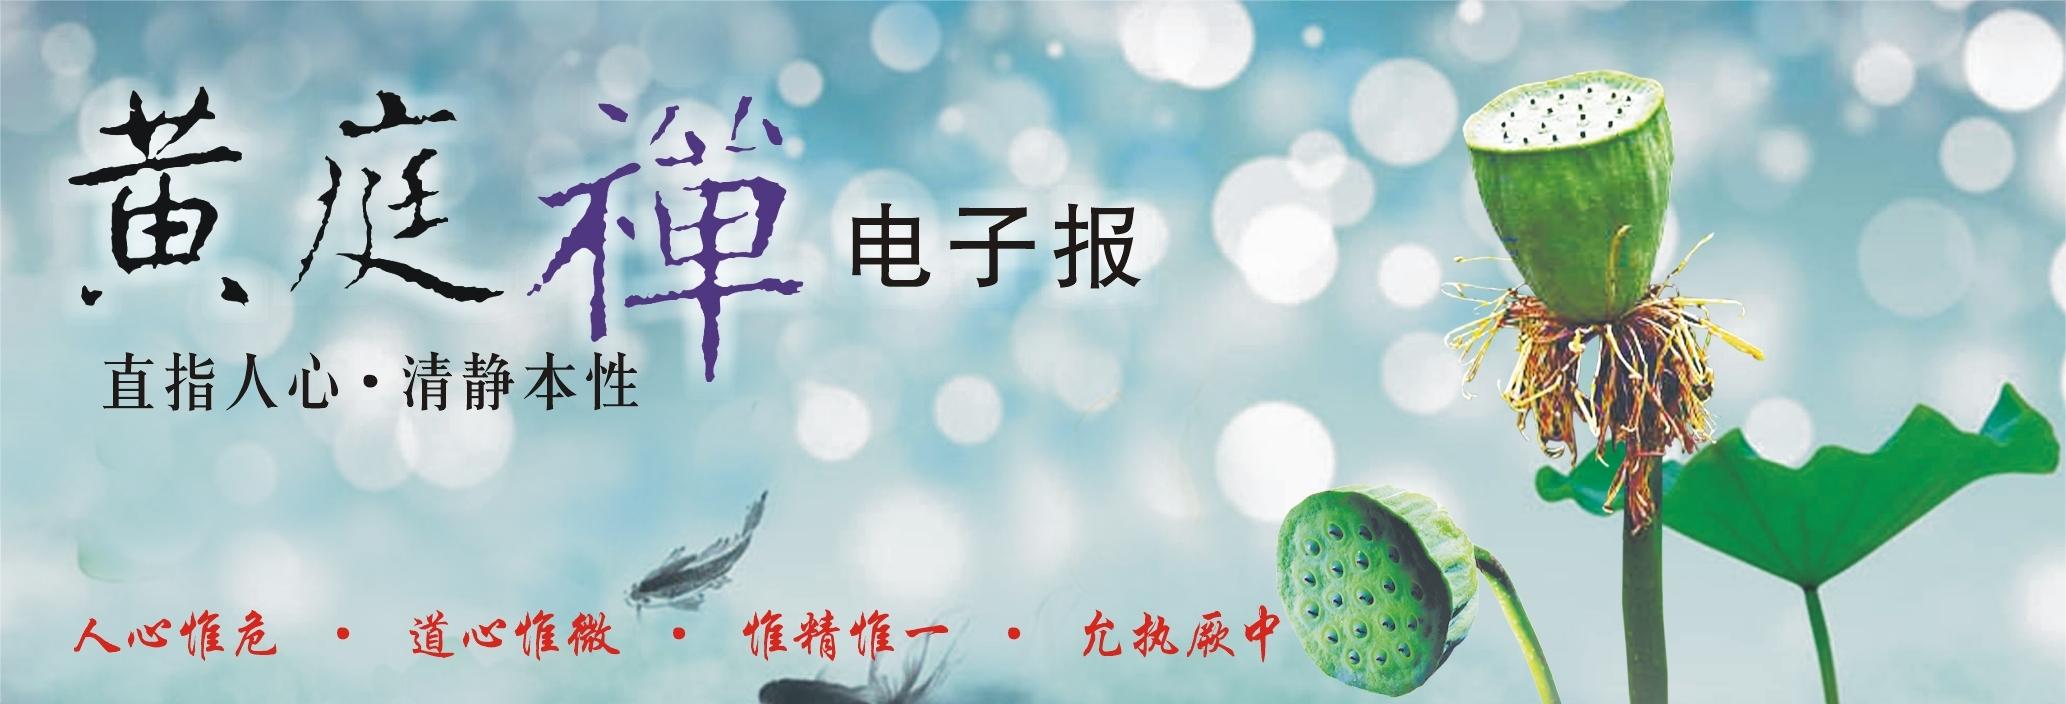 中华黄庭禅学会2015.08.21电子报